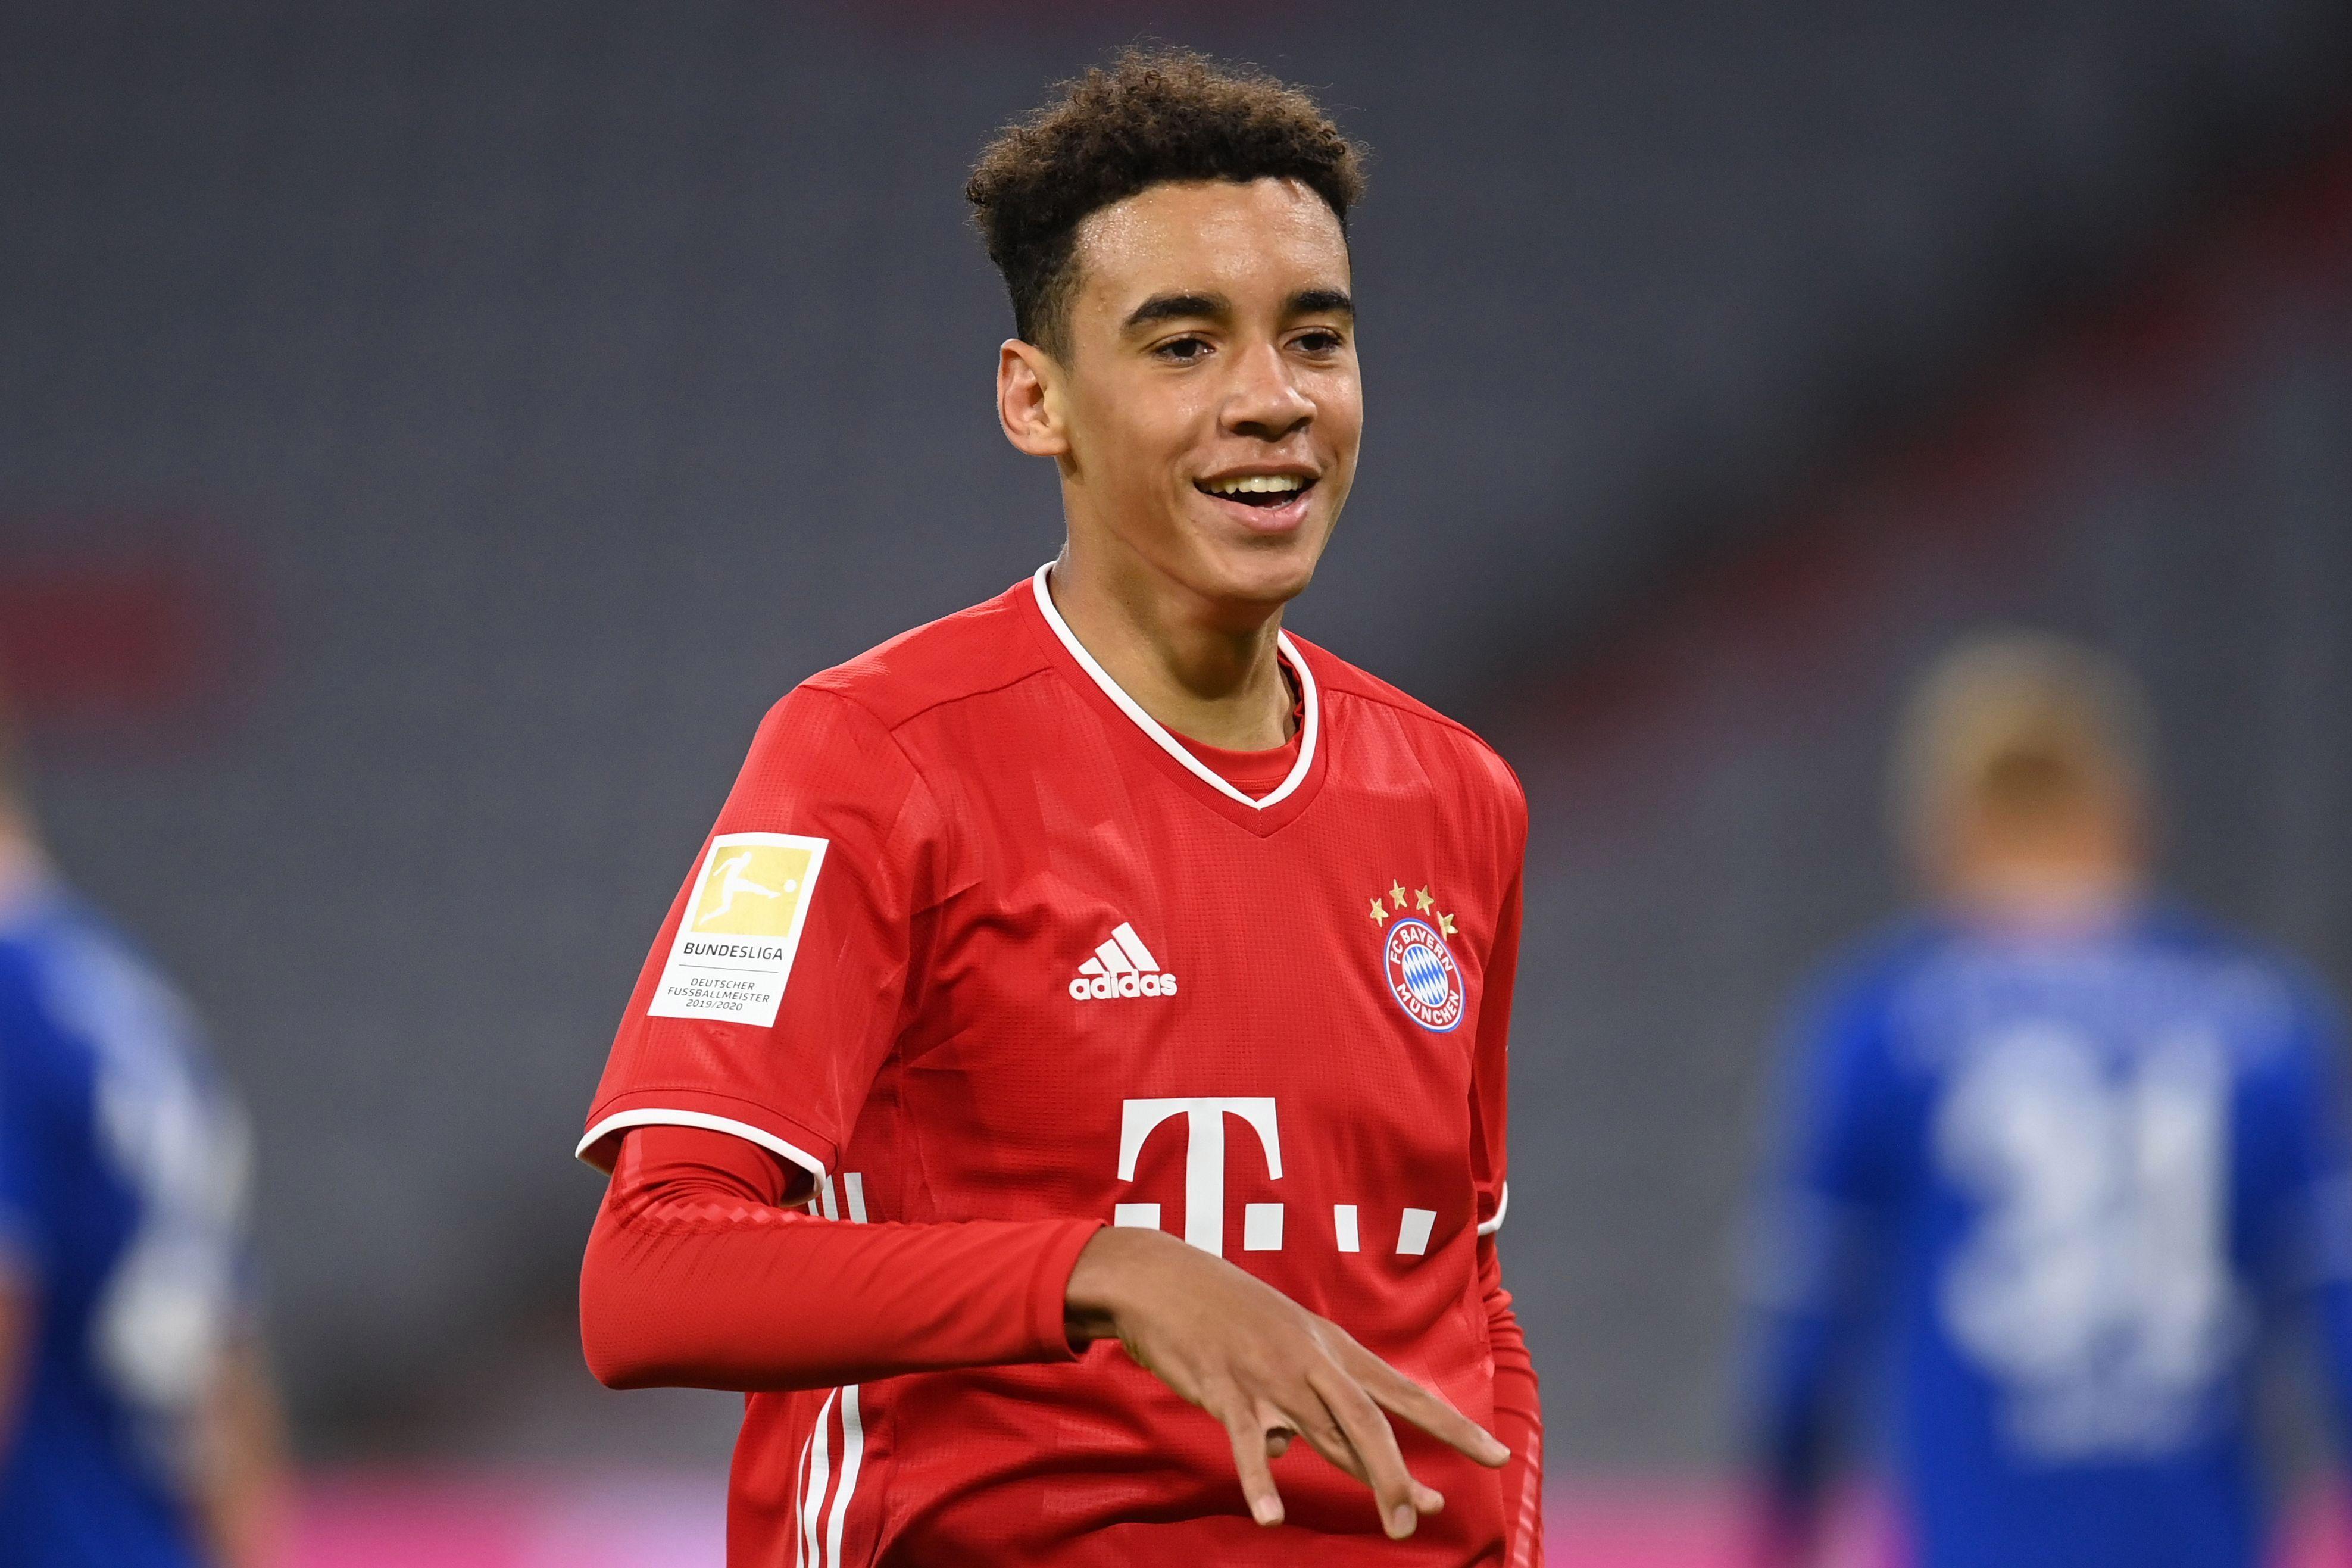 Самый талантливый игрок Бундеслиги сезона-2020/21. Мукоко? Нет, Мусиала!